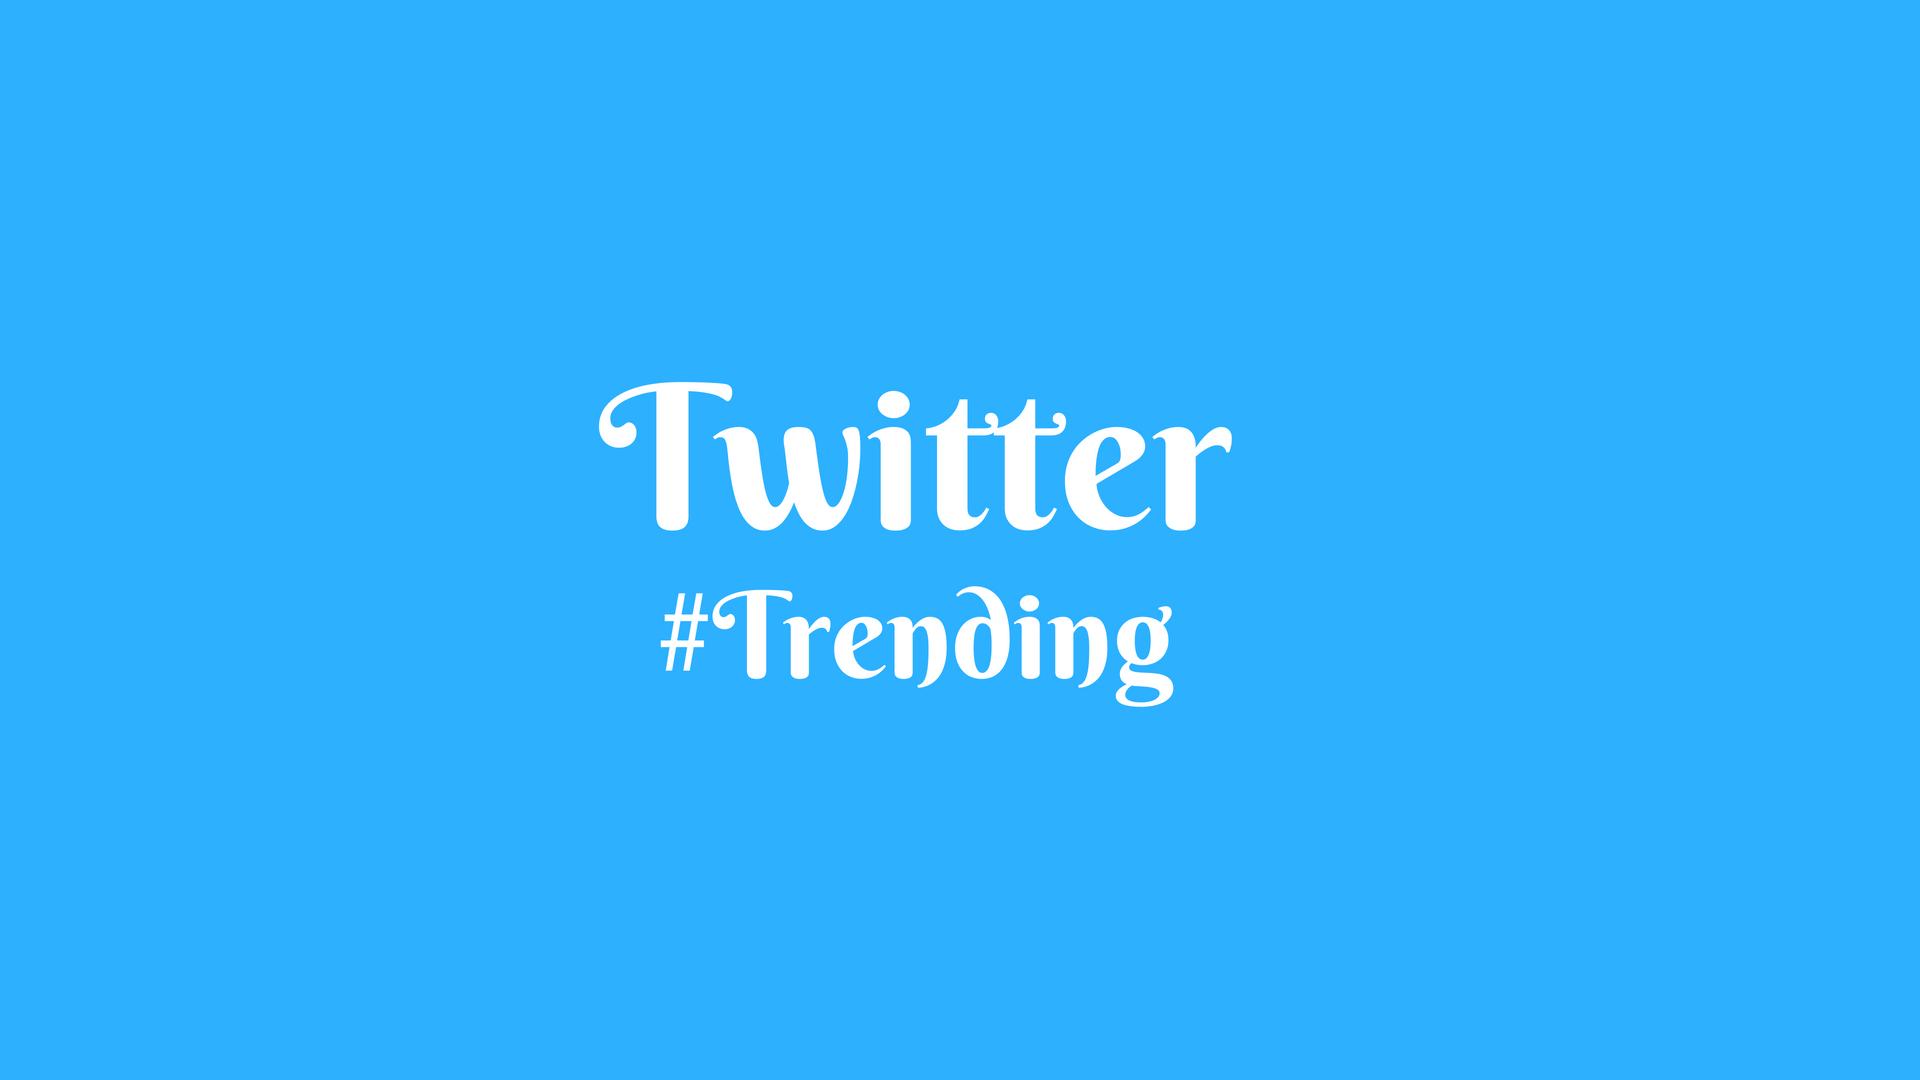 Twitter #Trending